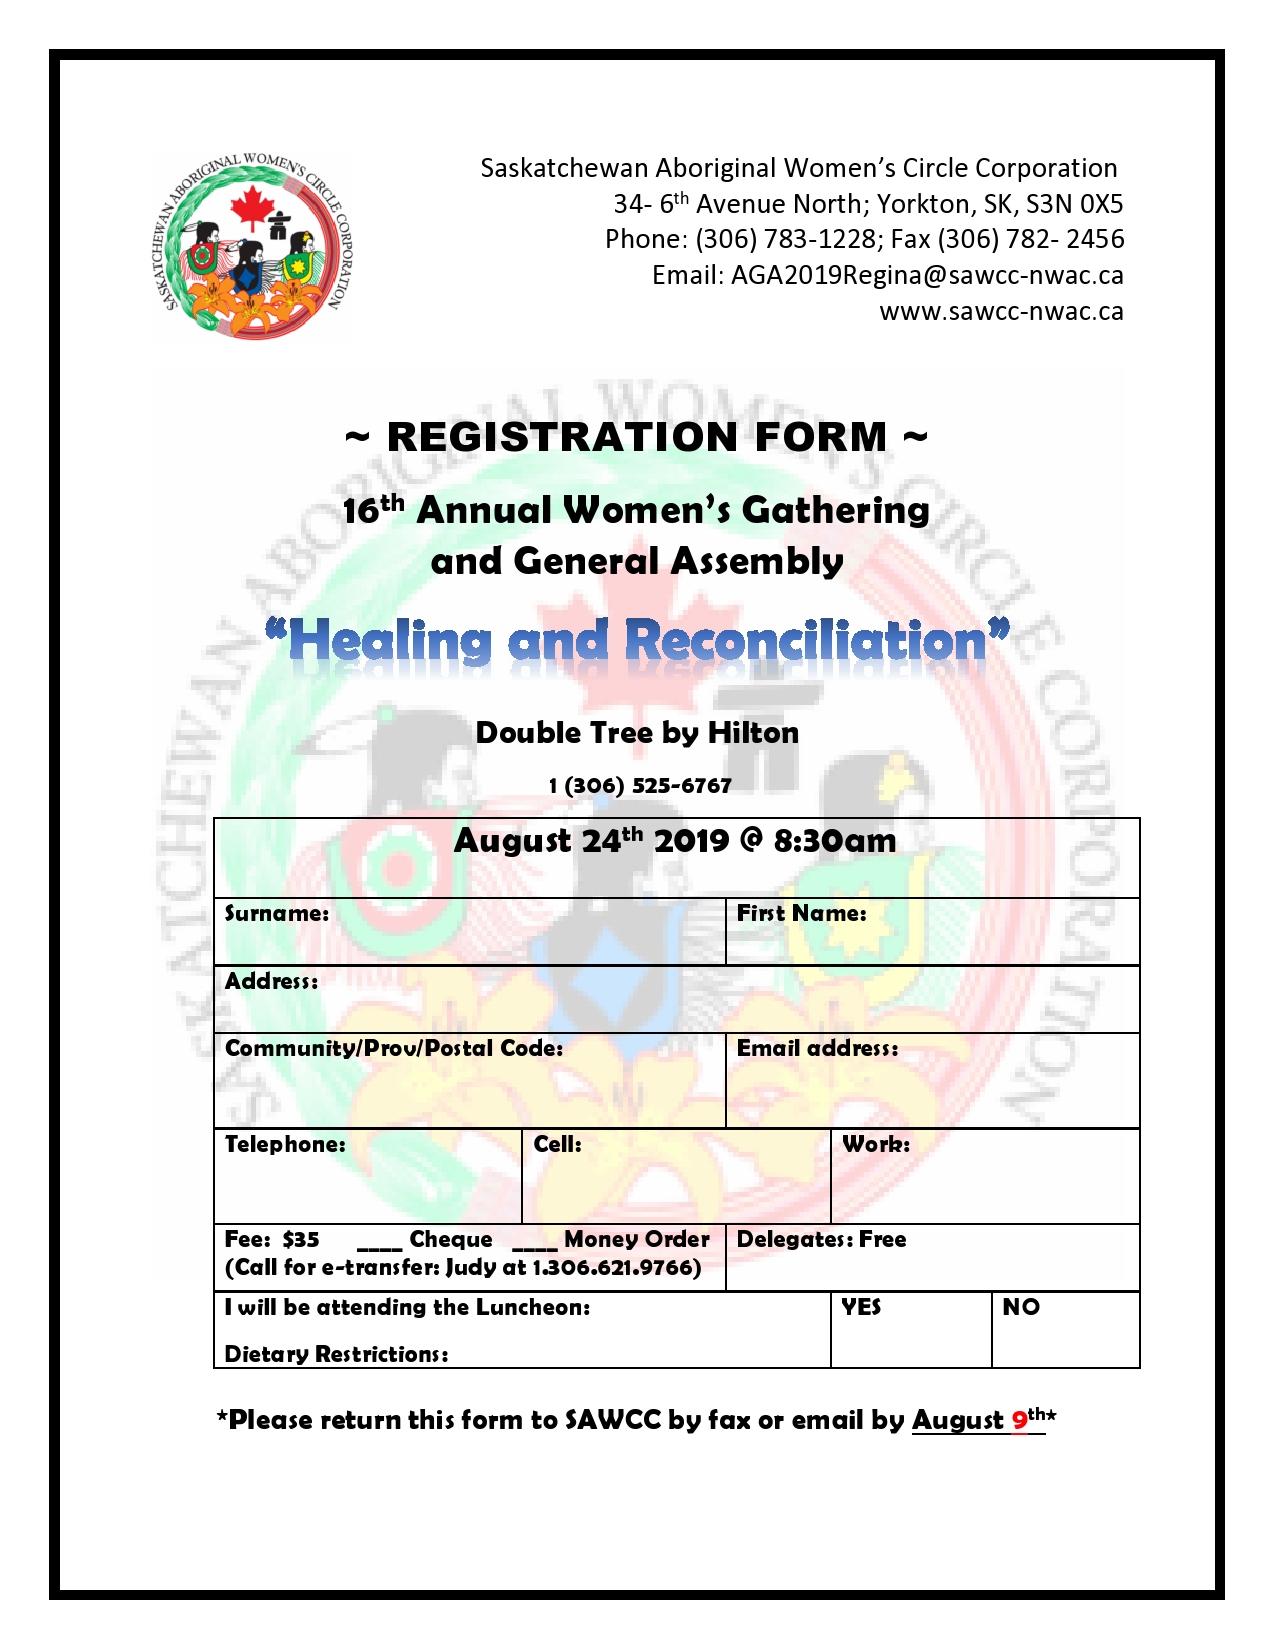 FINAL FINAL REGISTRATION FORM-page0001.jpg